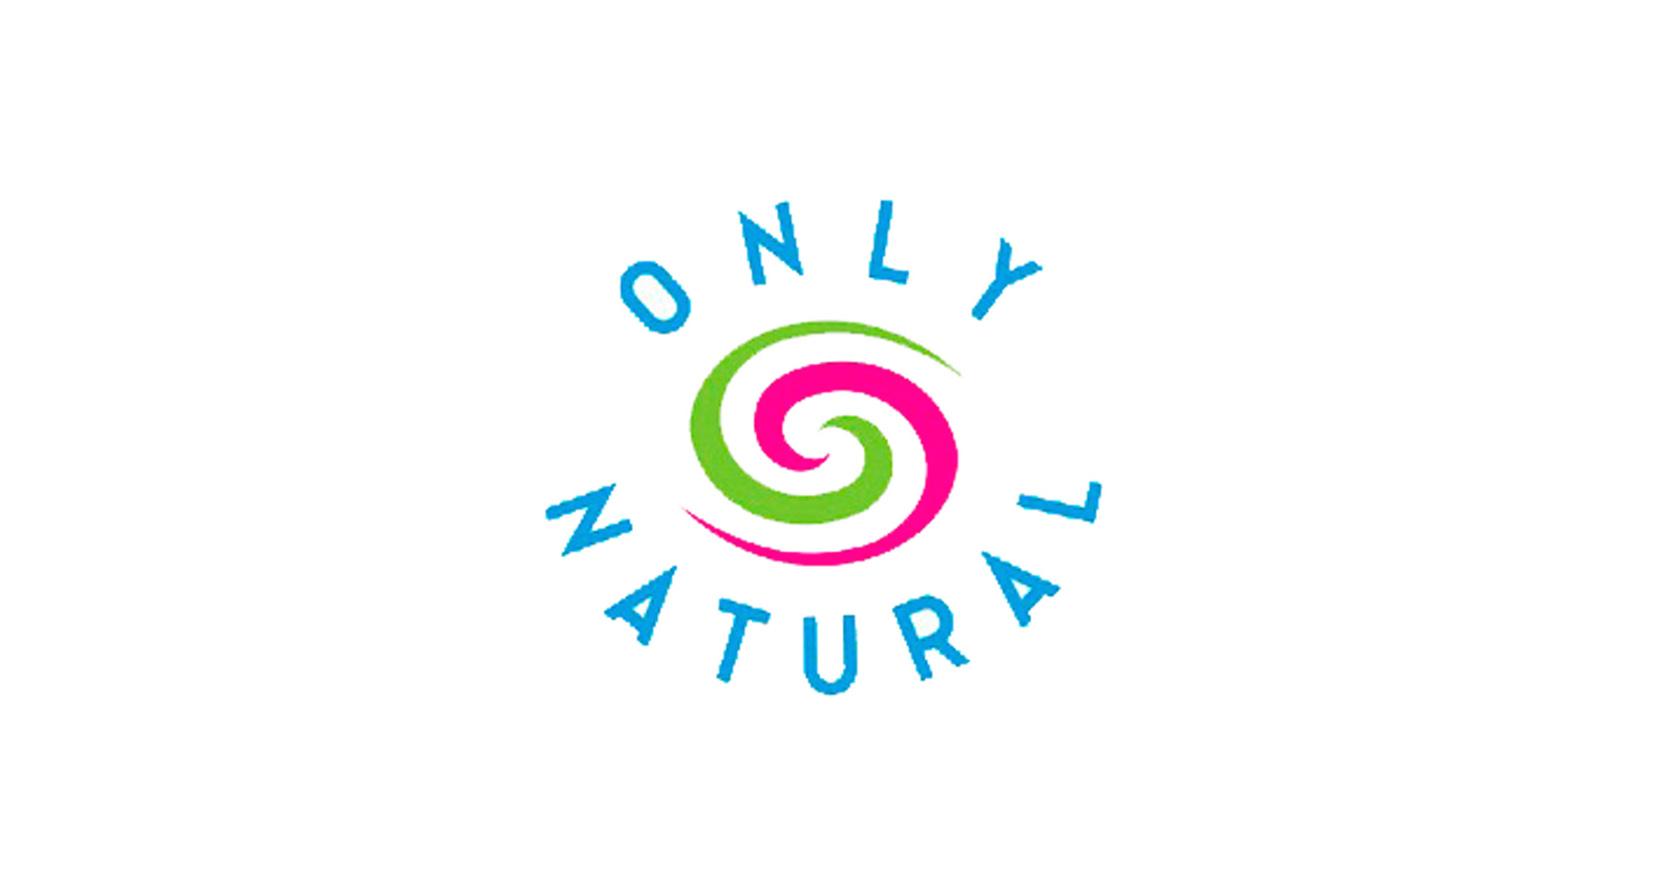 Only Natural - Het nieuwe fairtrade merk bij My Lovely Notebook